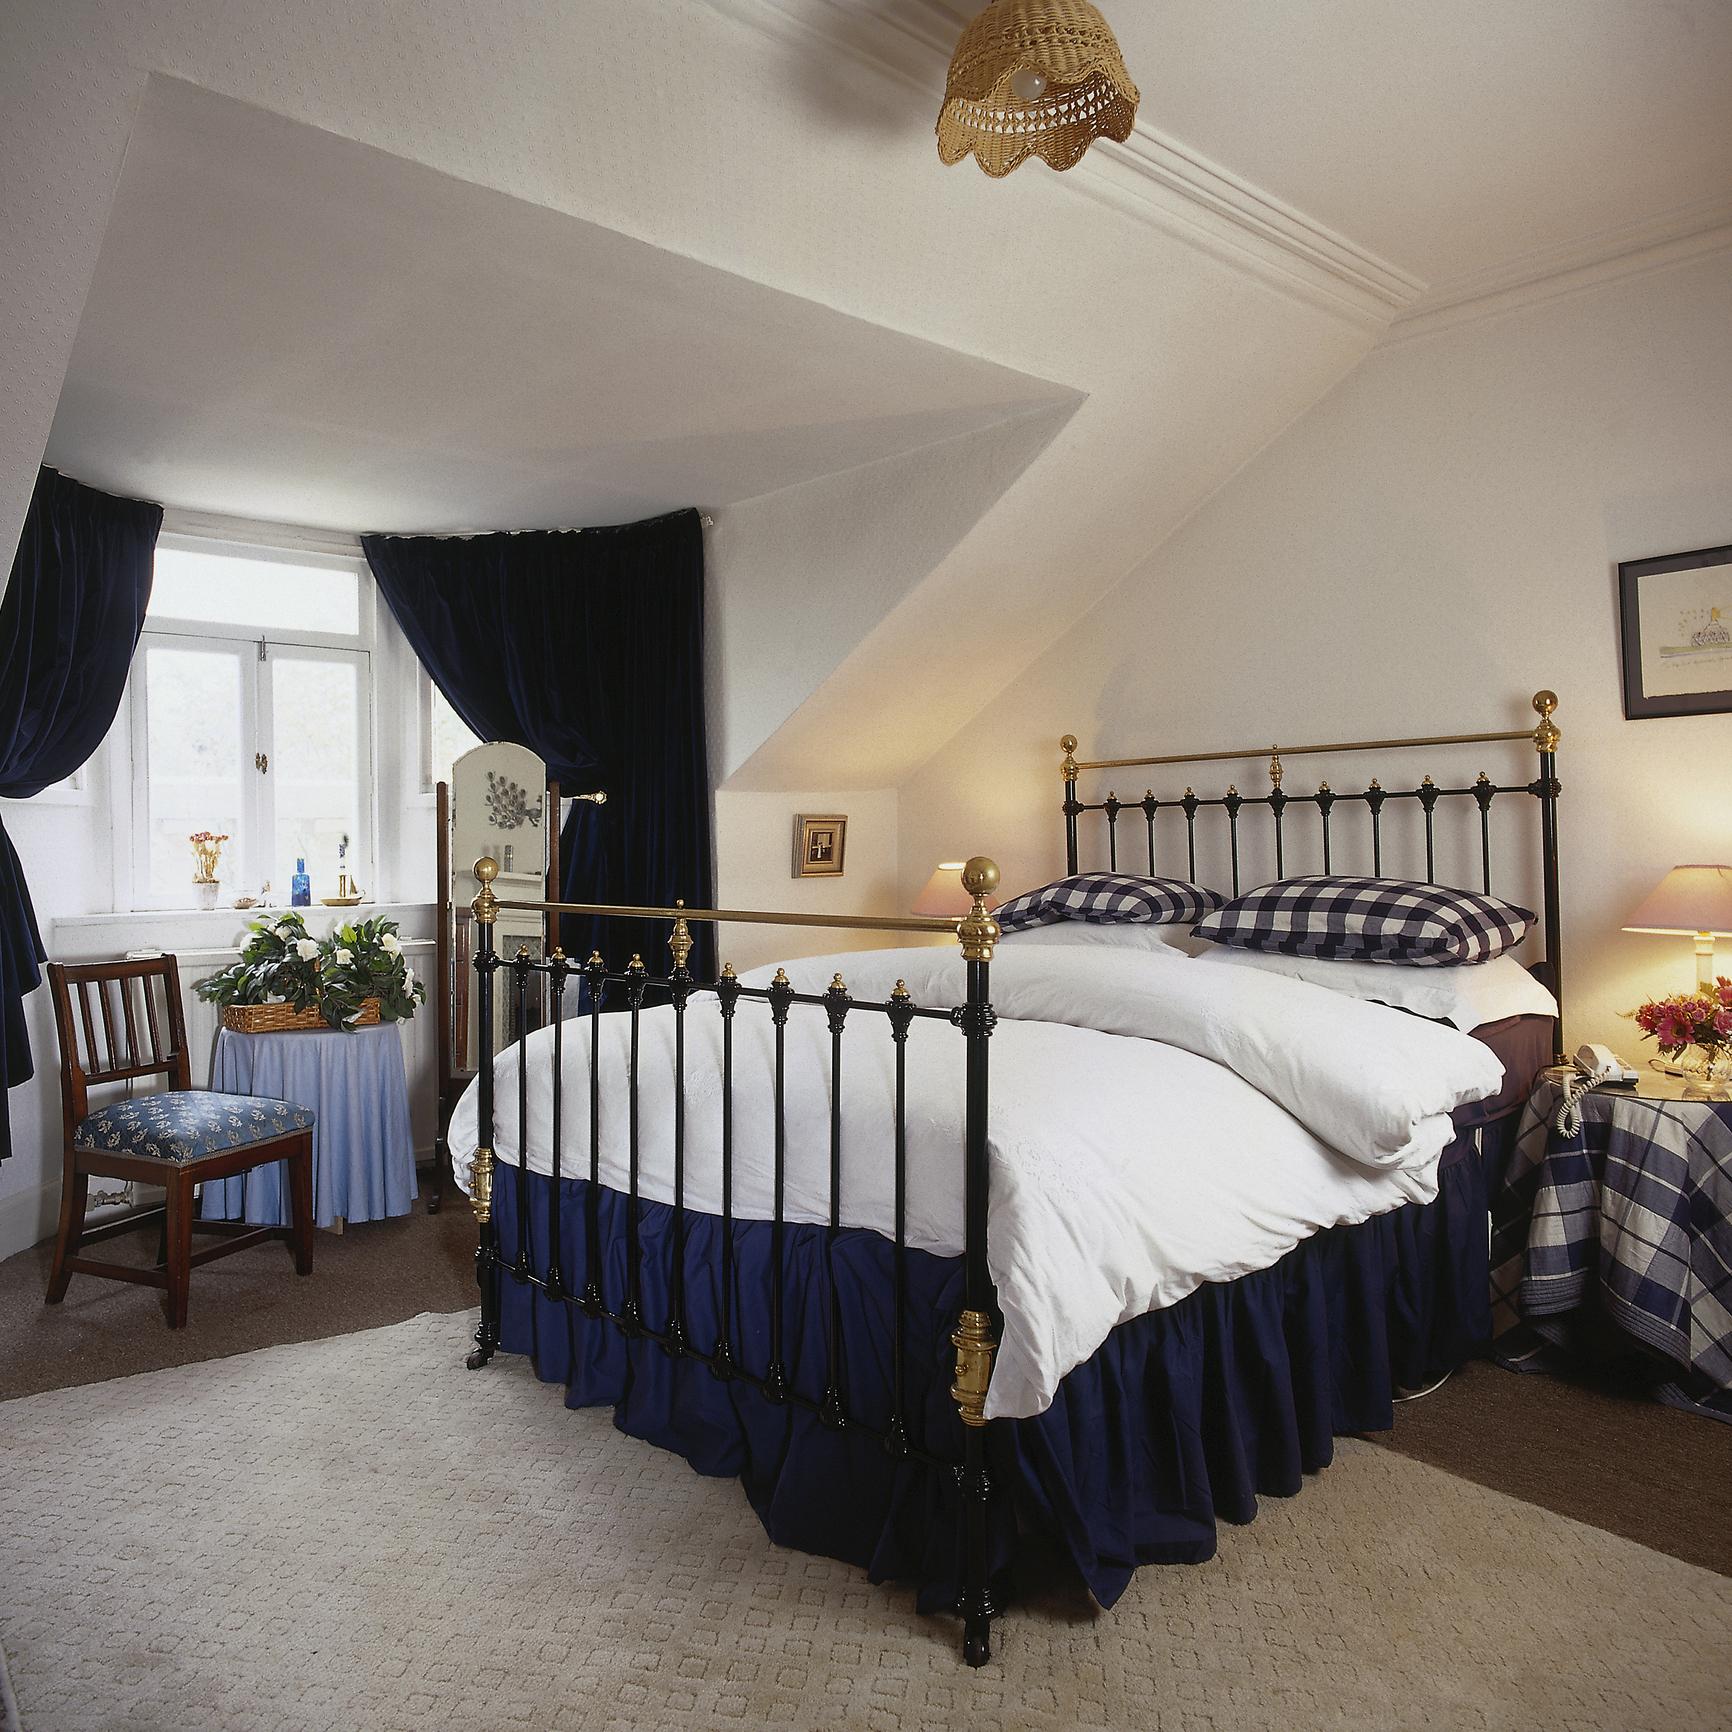 Легла с метална рамка. Тези легла се продават и в по-съвременен вид, но те винаги носят усещане за елегантност.